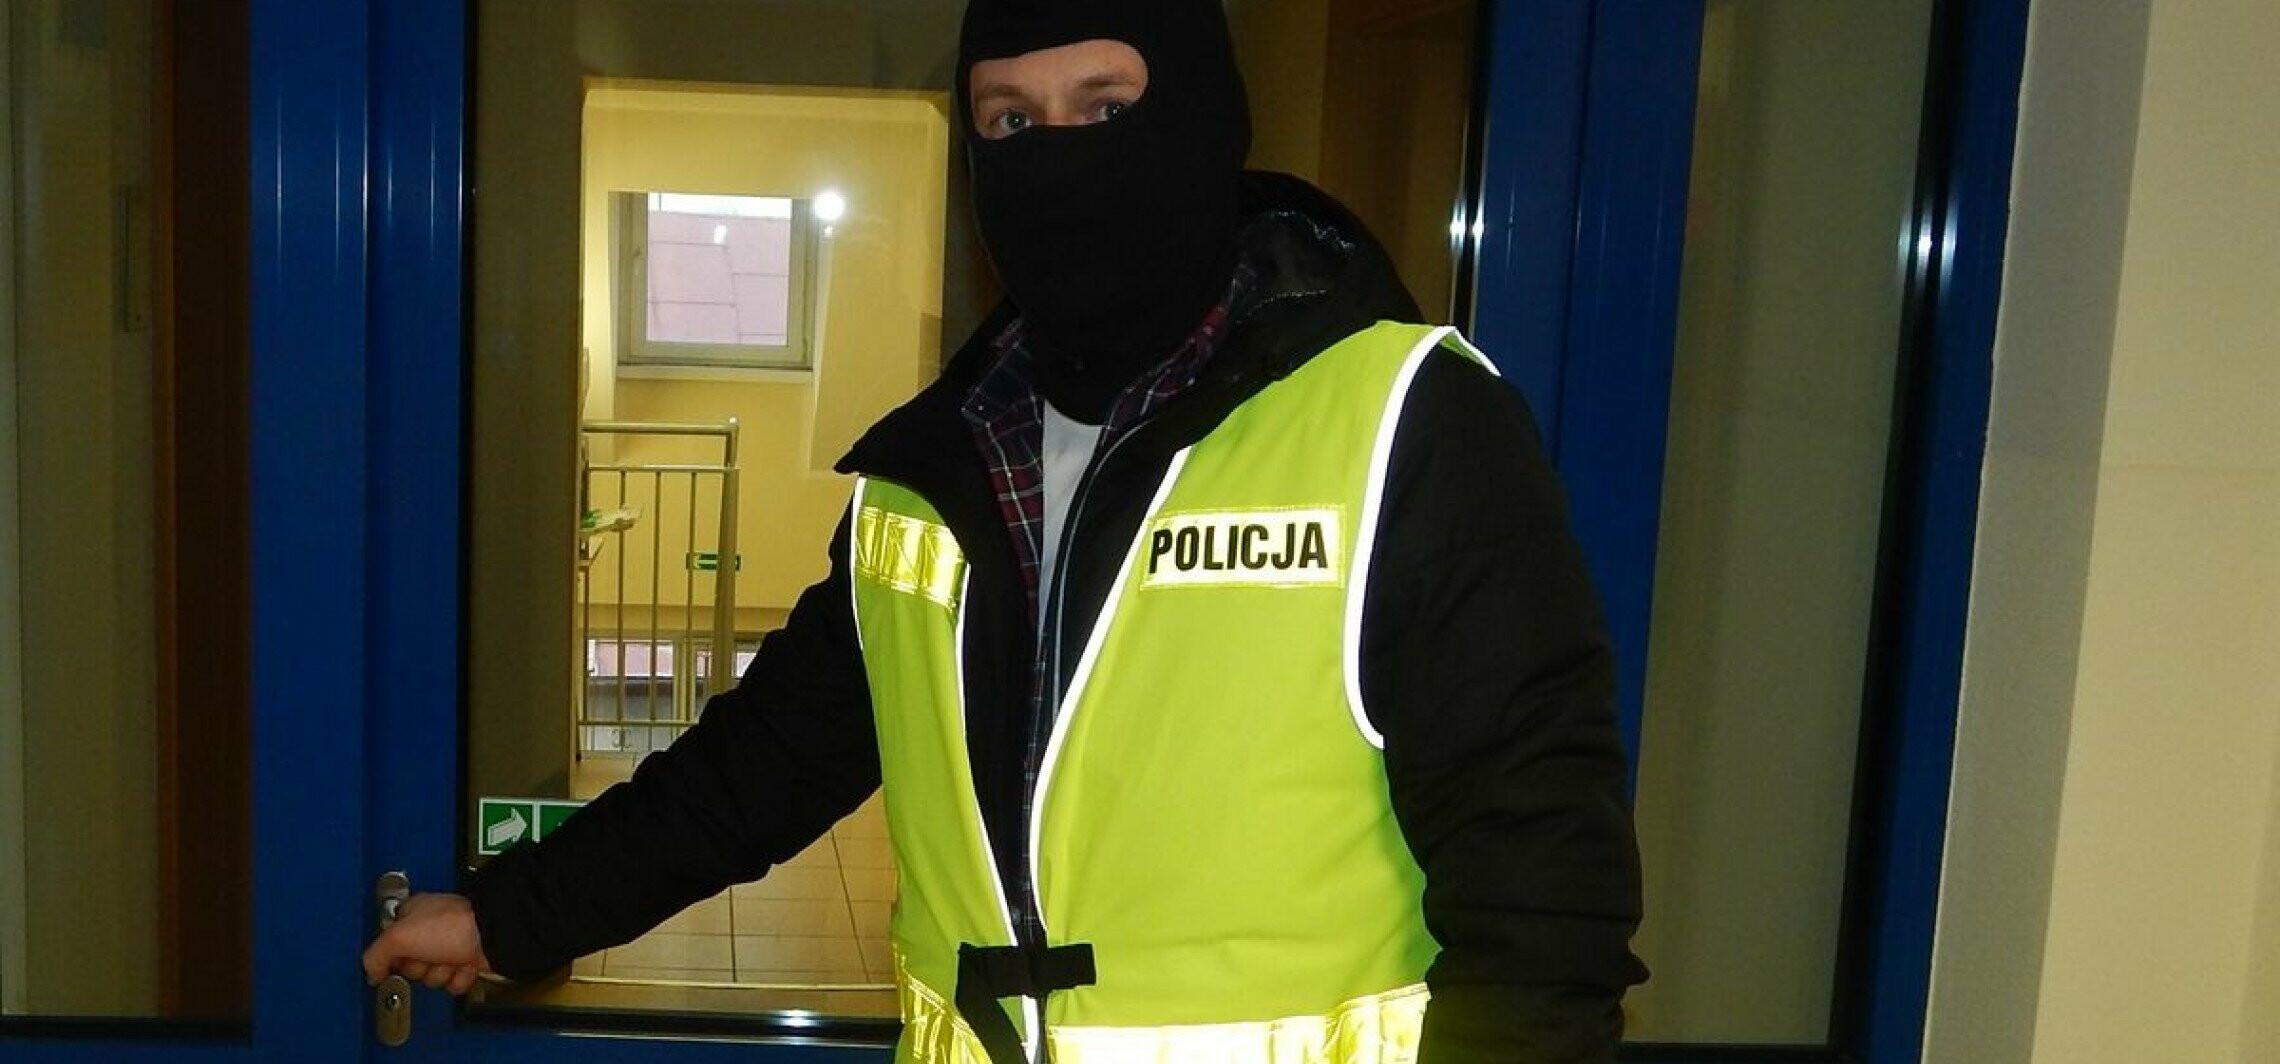 Radziejów - Chciał uniknąć więzienia, poszedł na odwyk